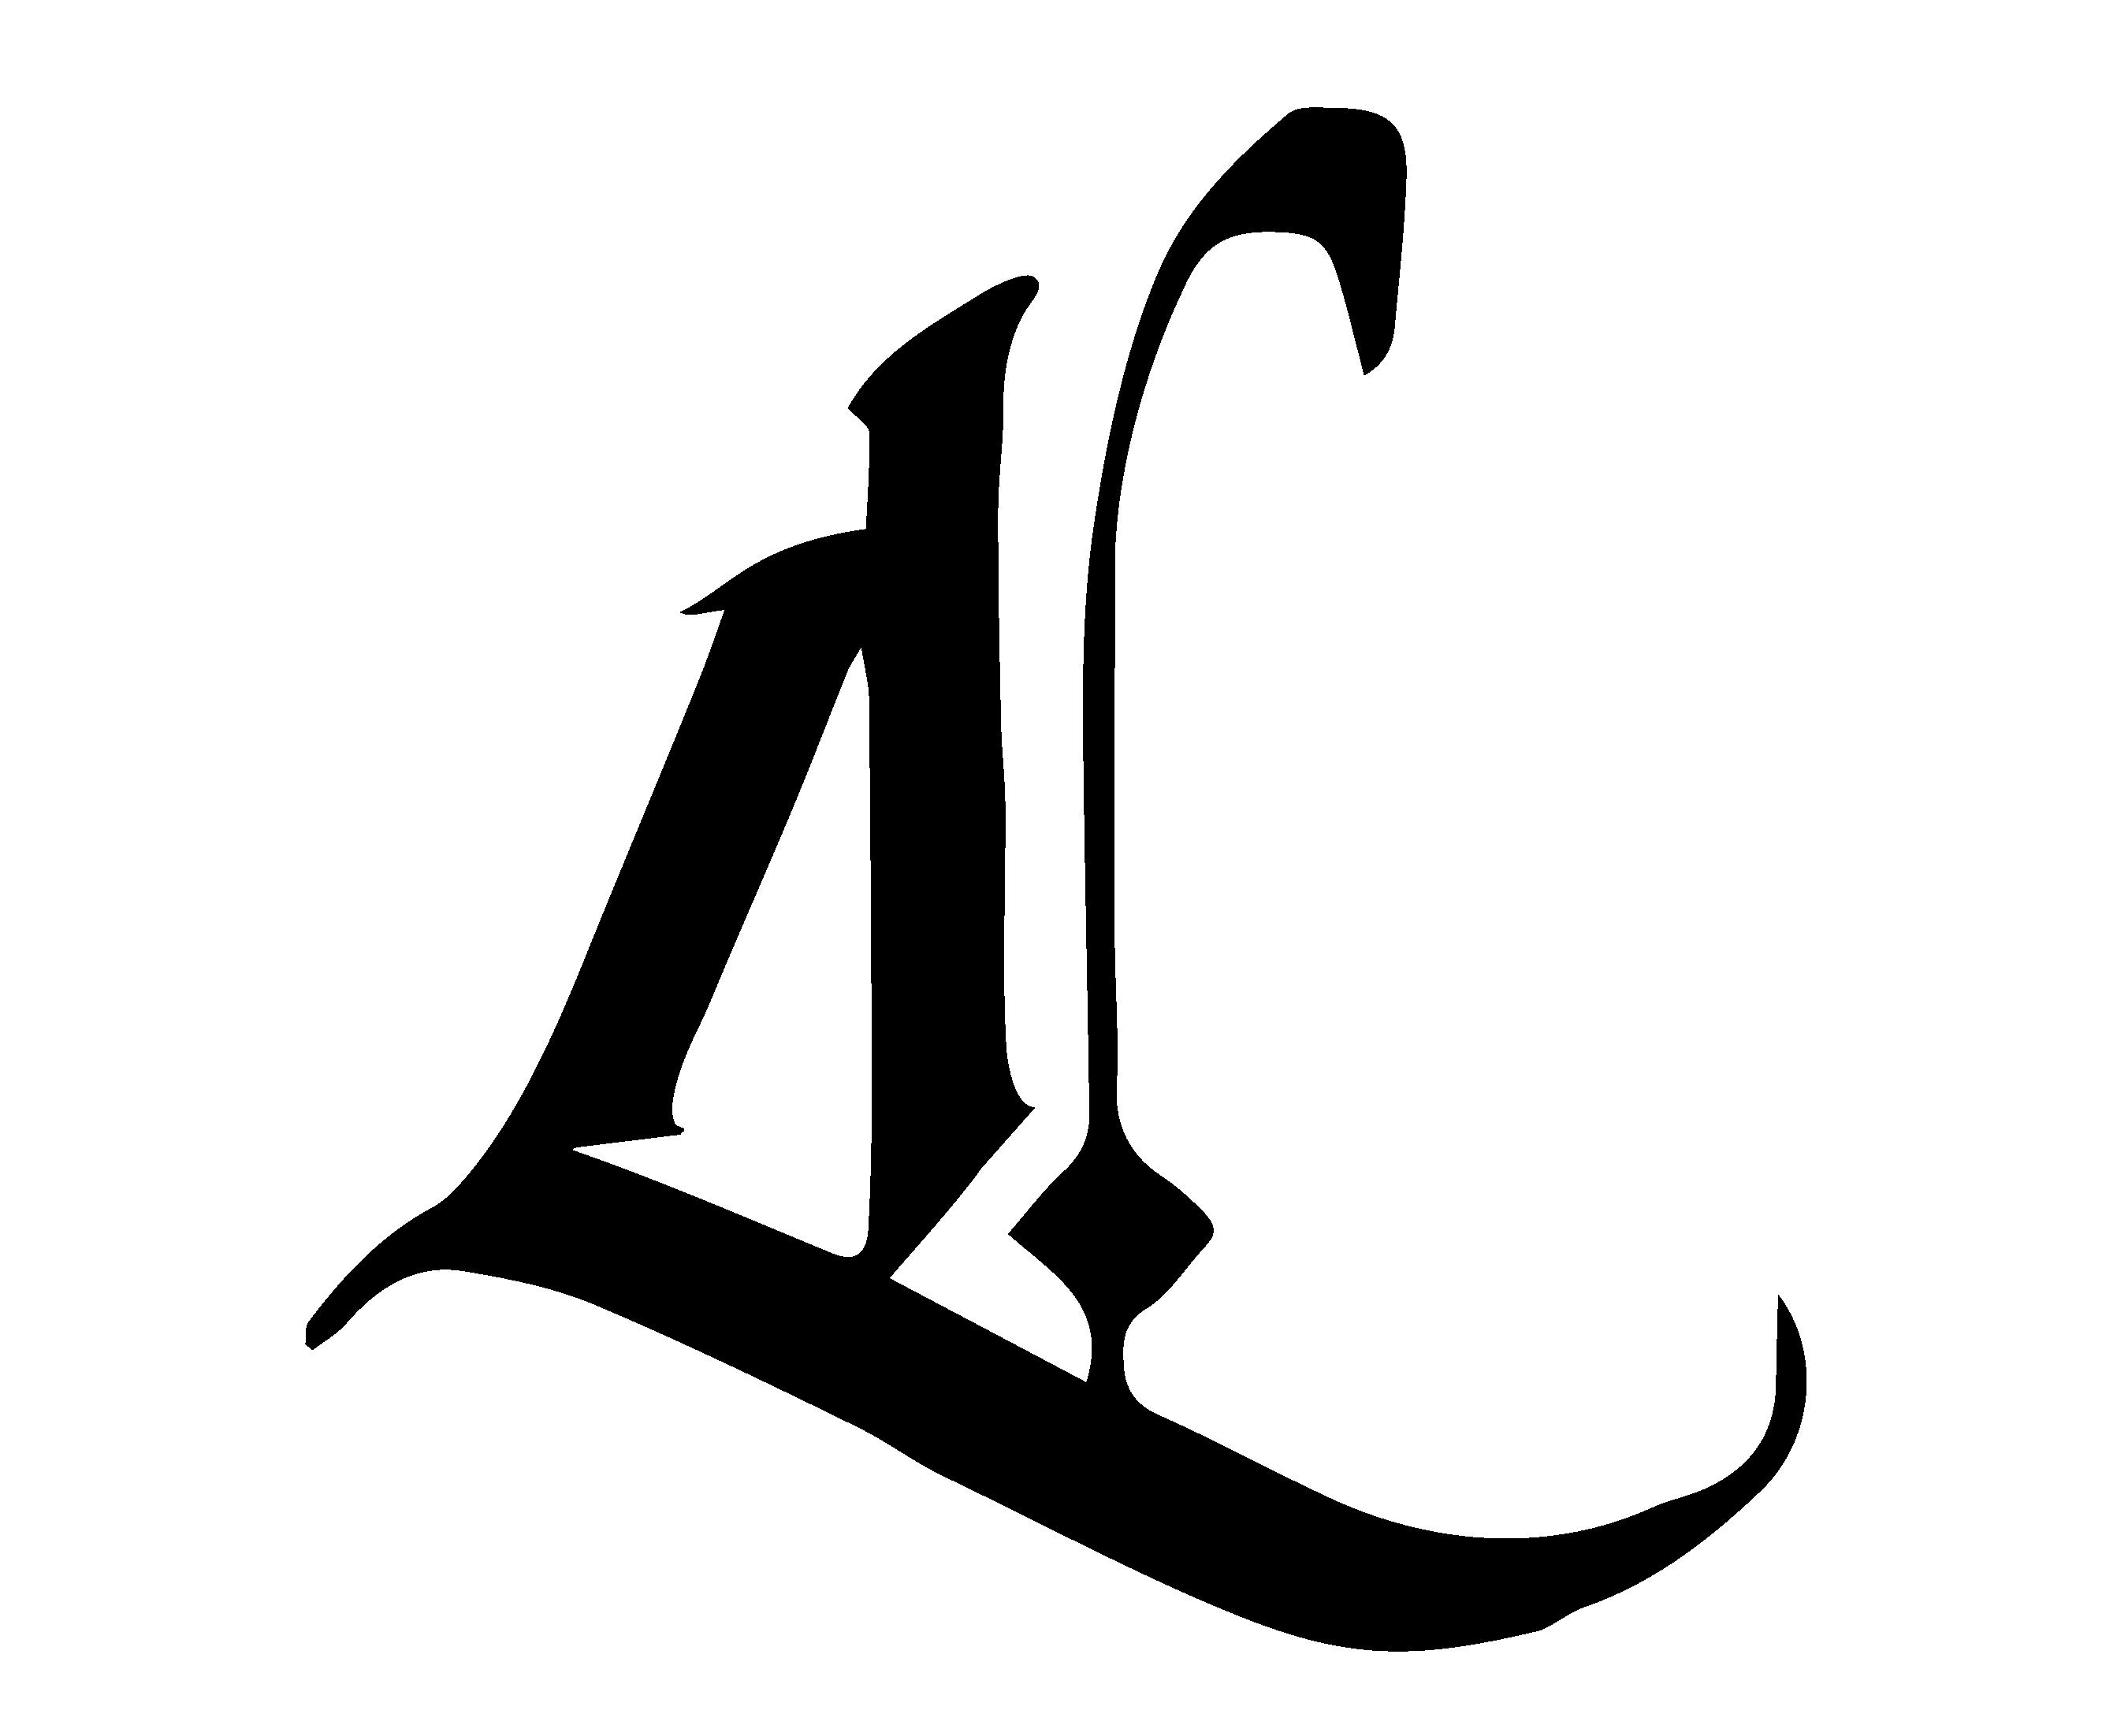 Letterhythm